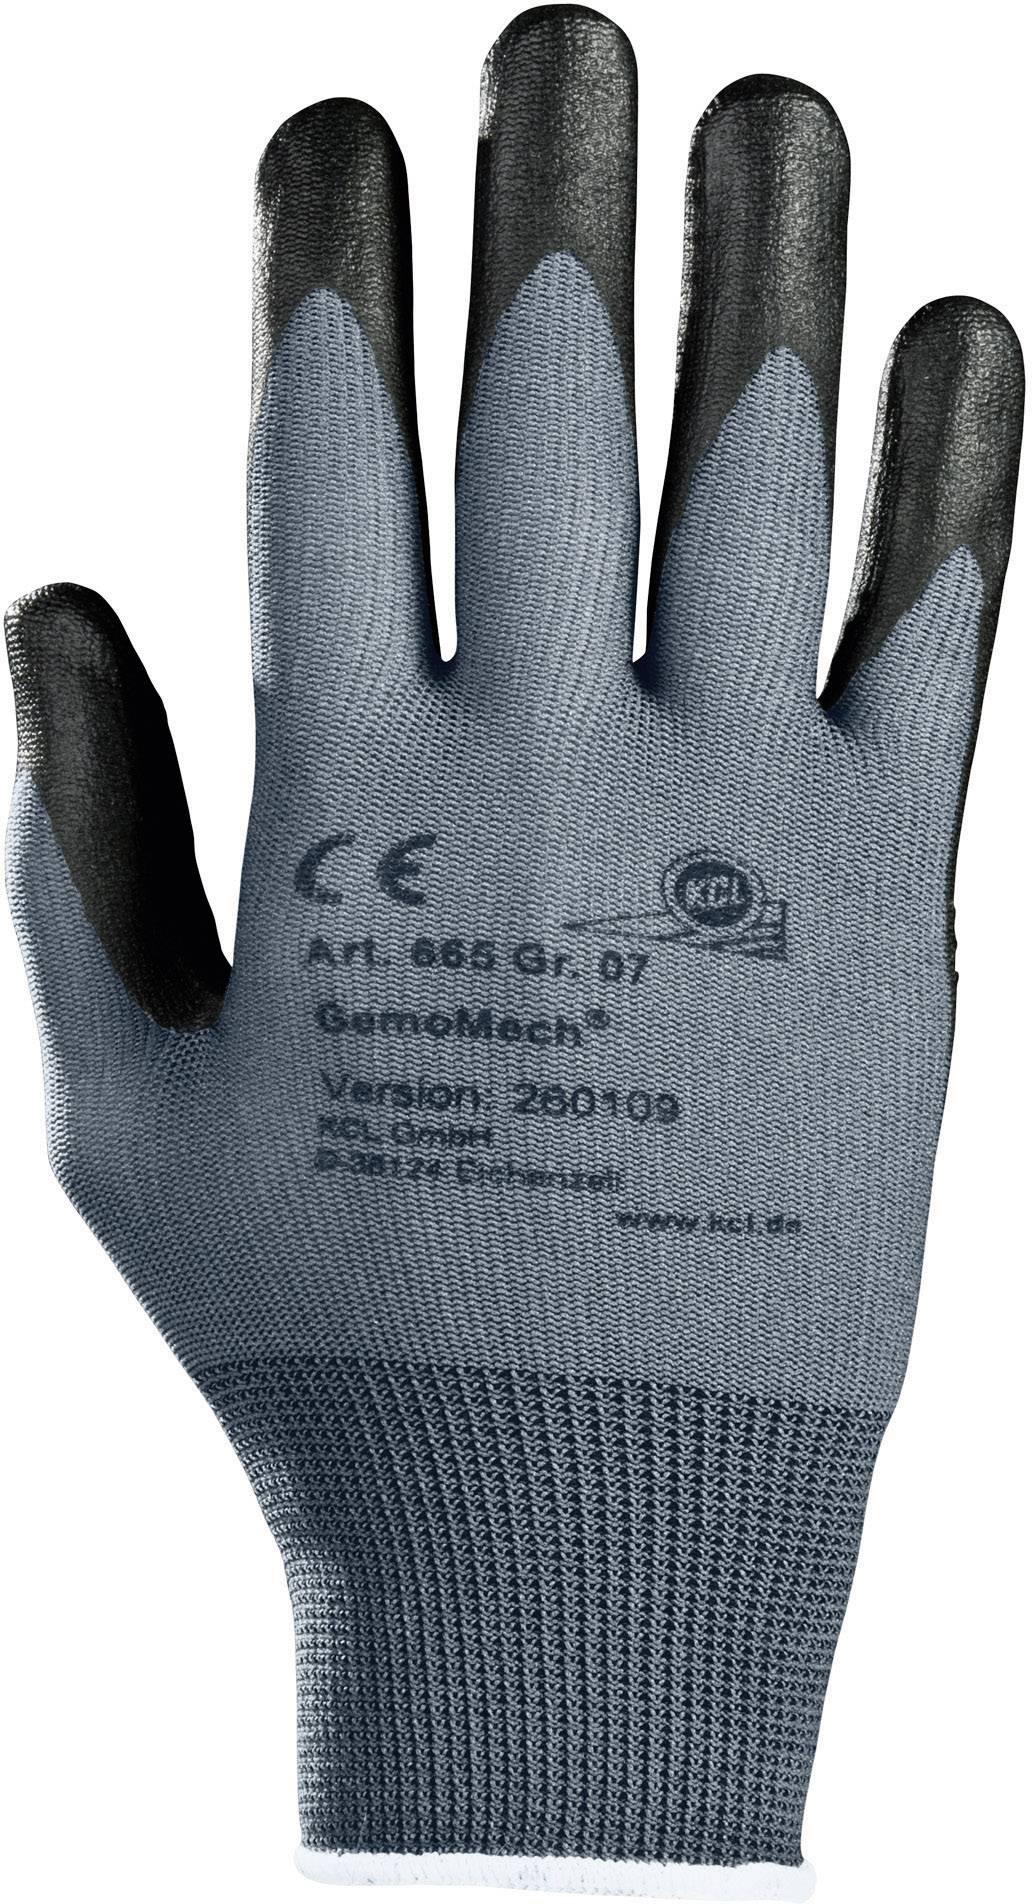 Pracovní rukavice KCL GemoMech 665 665, velikost rukavic: 8, M